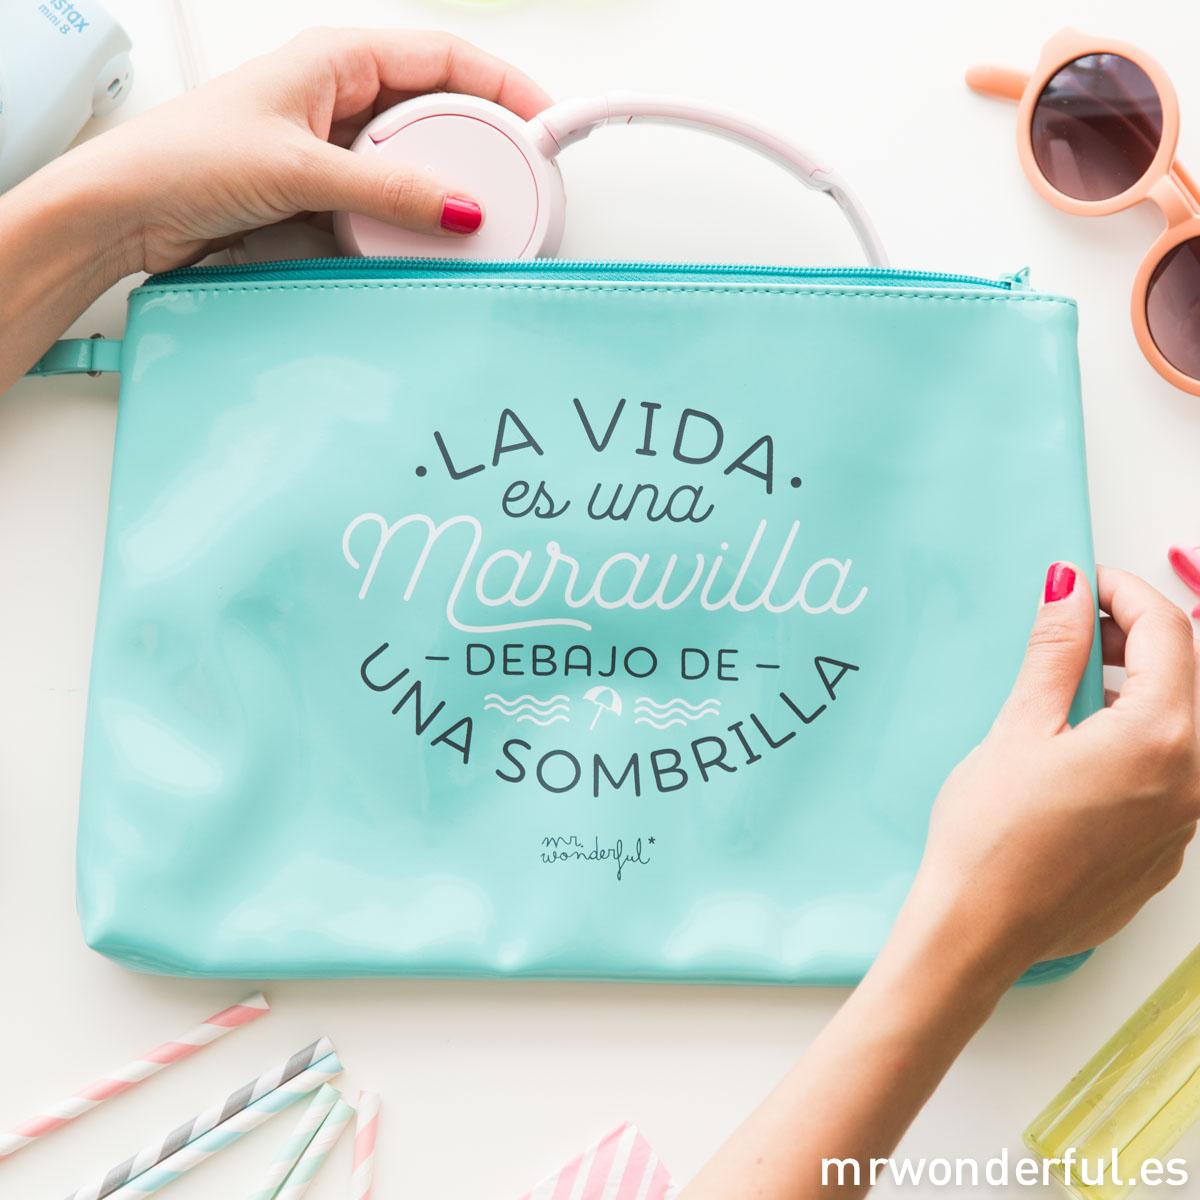 mrwonderful_Neceser-La-vida-es-una-maravilla-debajo-de-una-sombrilla-CAST-8